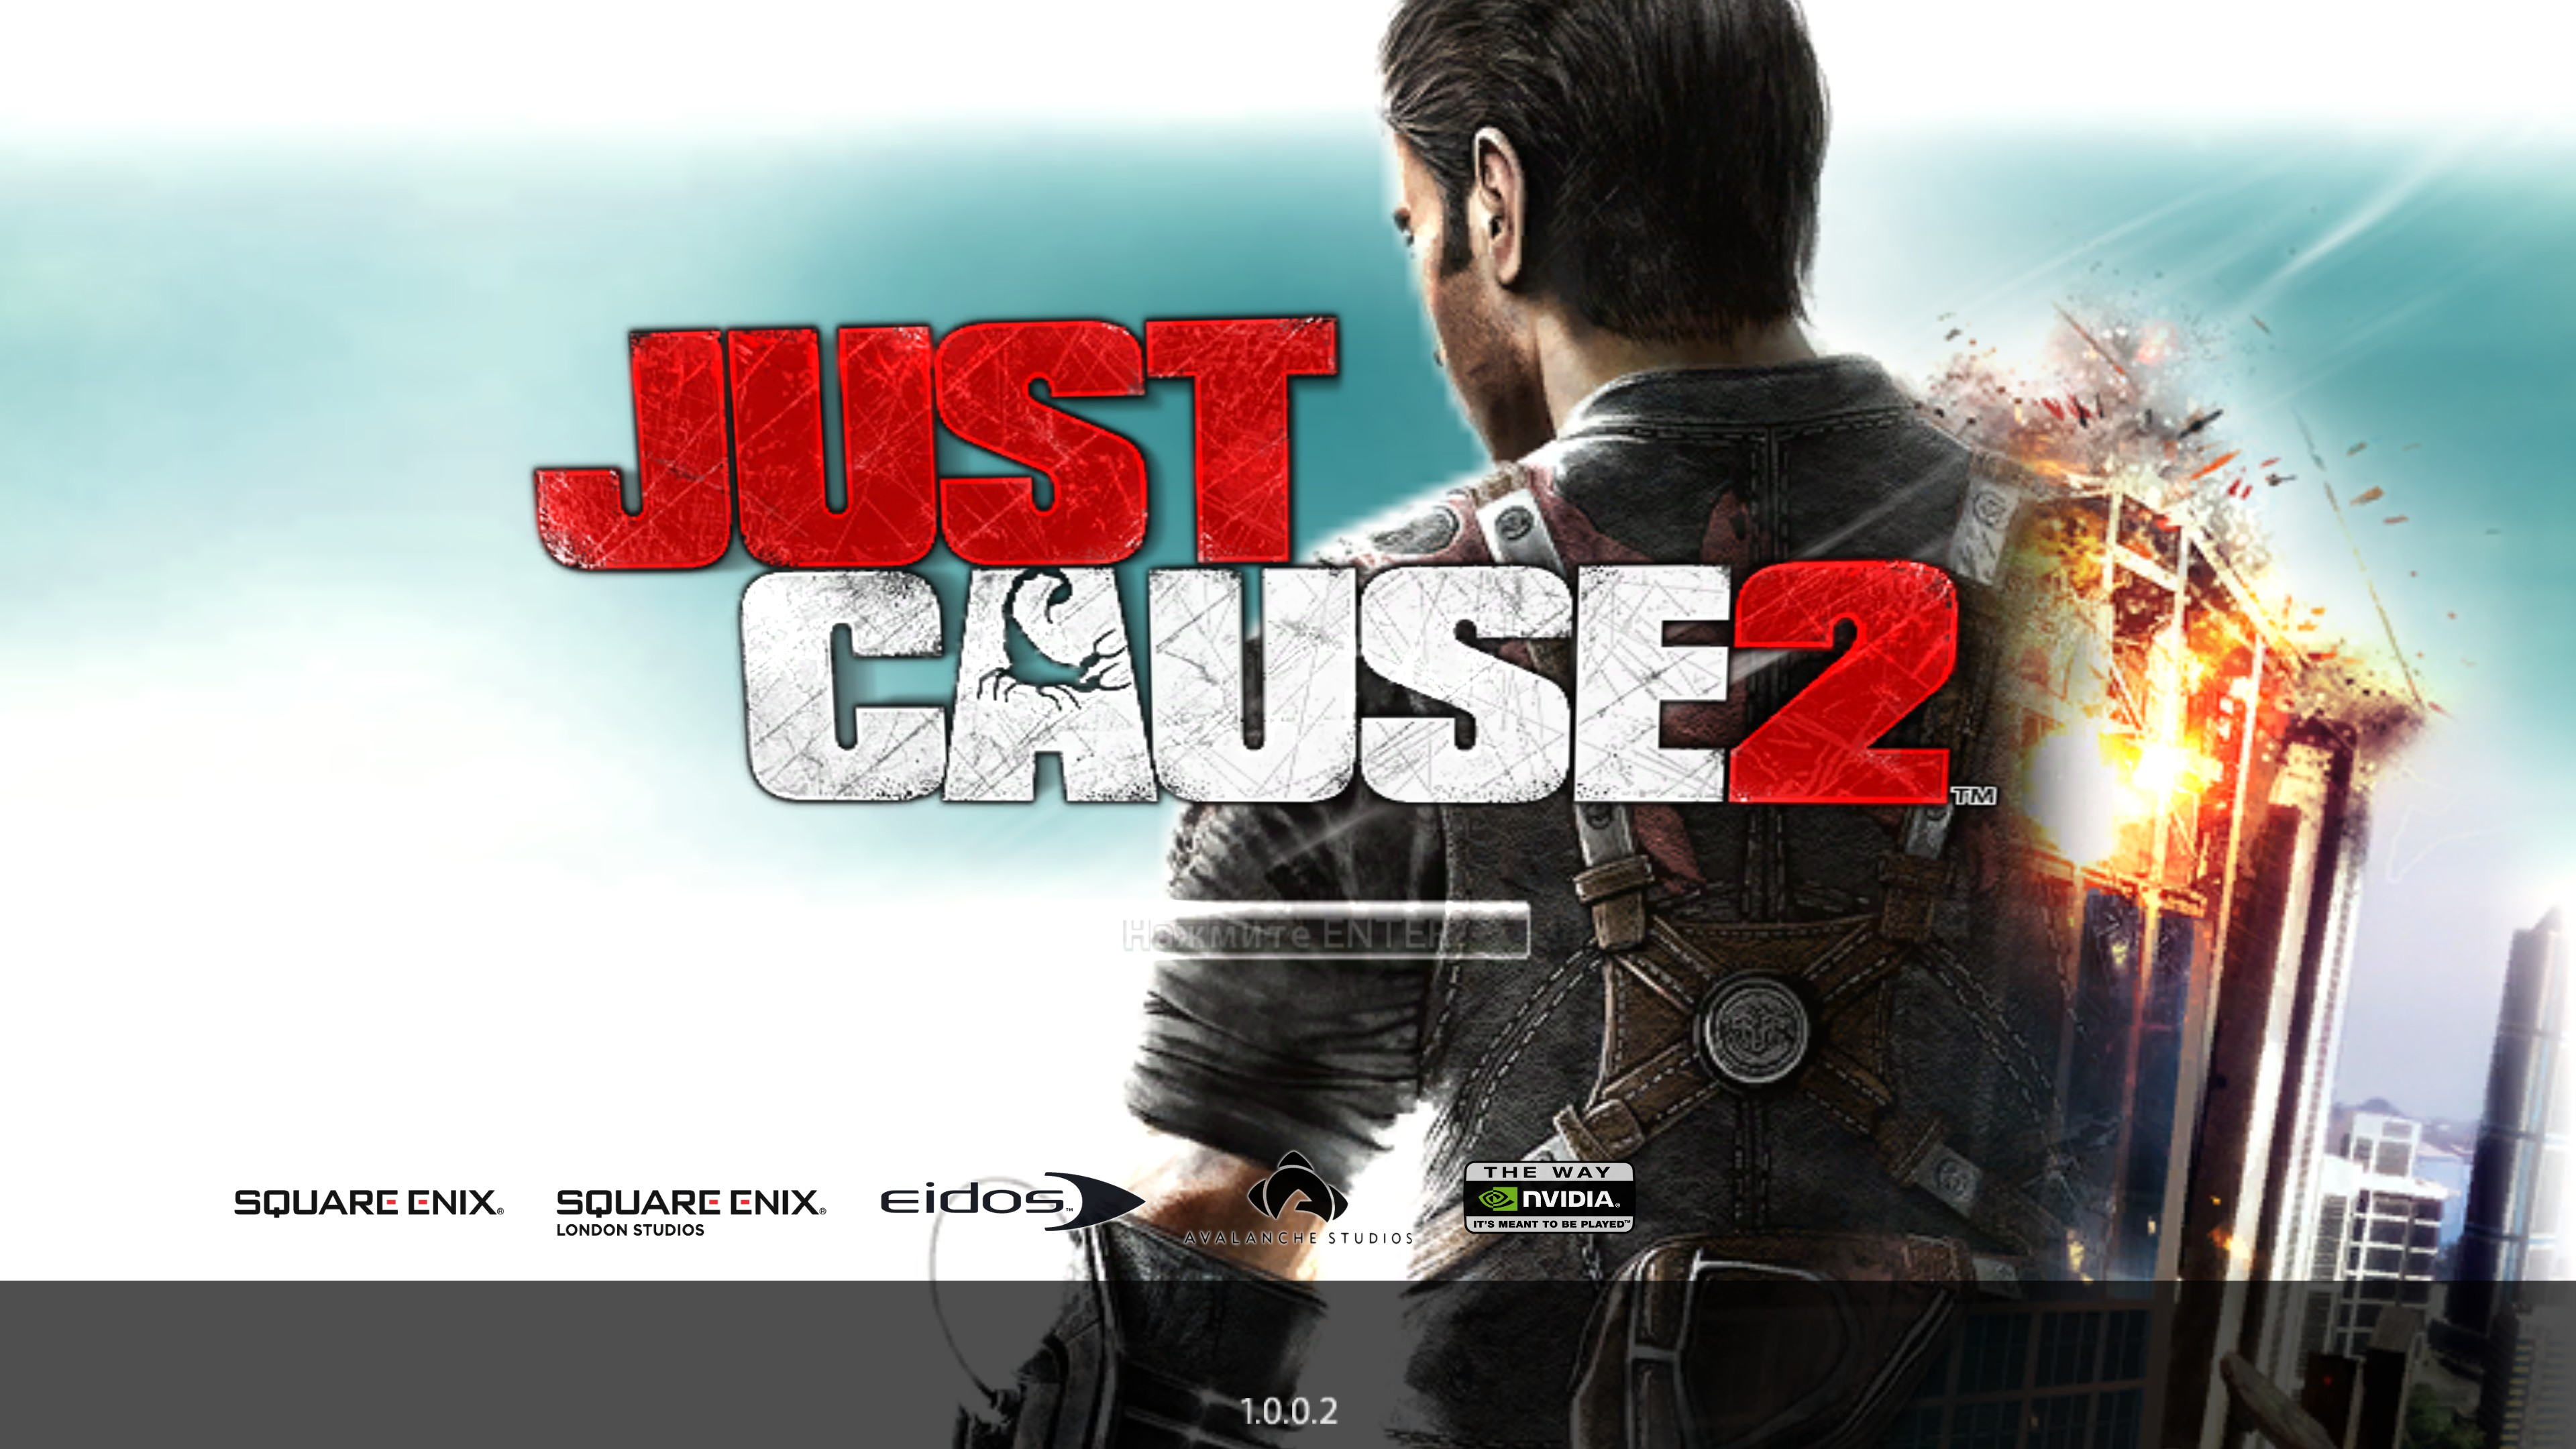 Возвращение в легенду #1 Just Cause 2. - Изображение 1